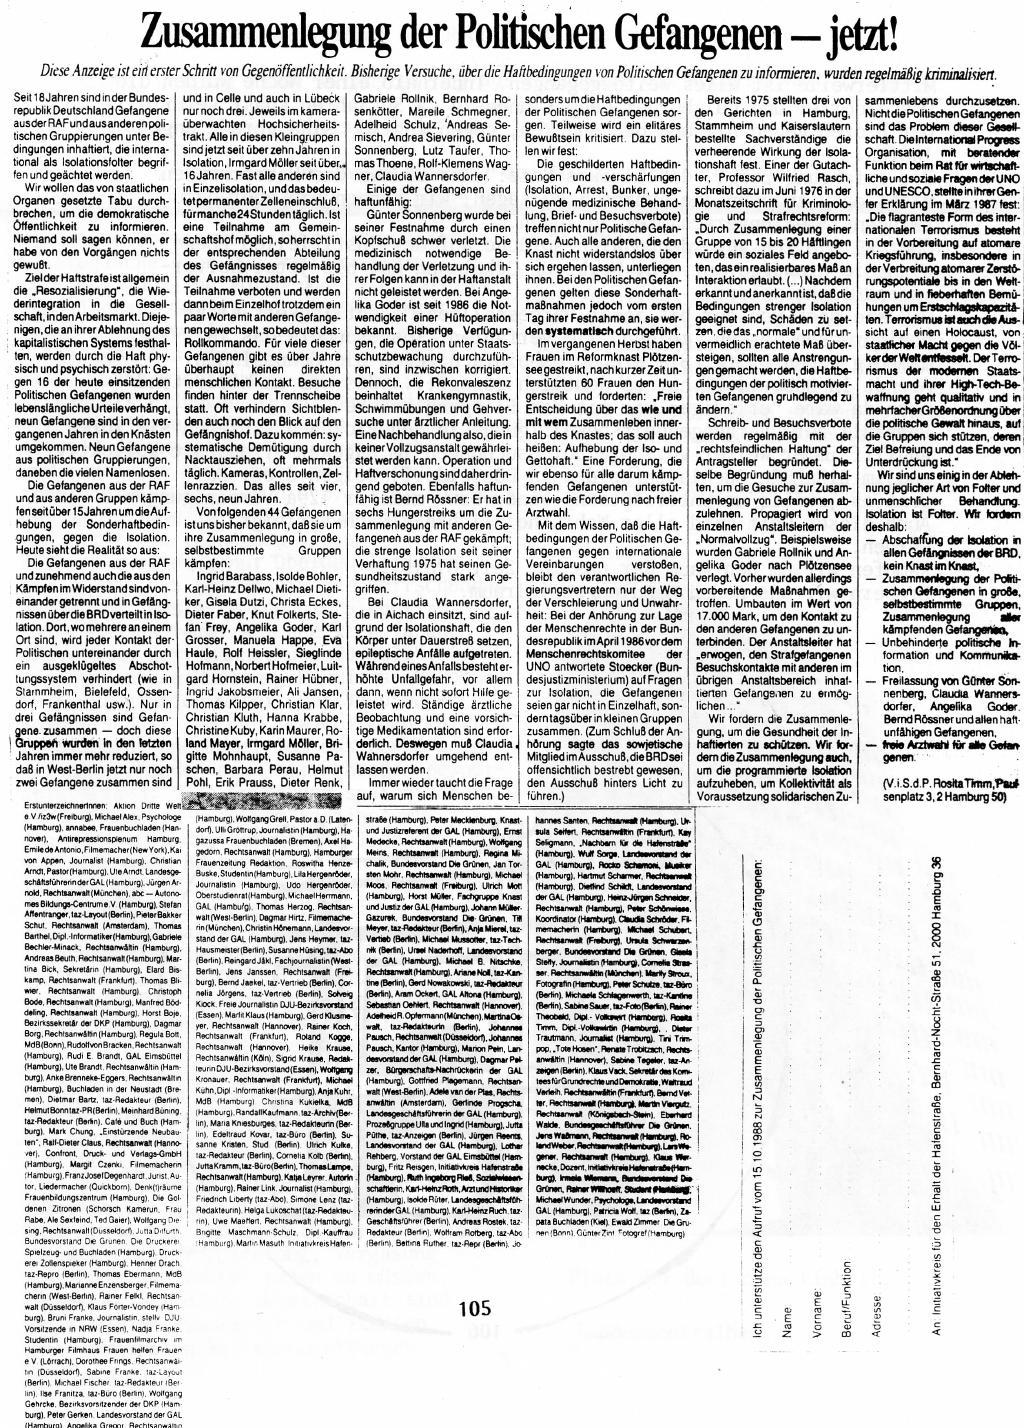 Duesseldorf_1989_Sechs_Politische_Gefangene_105